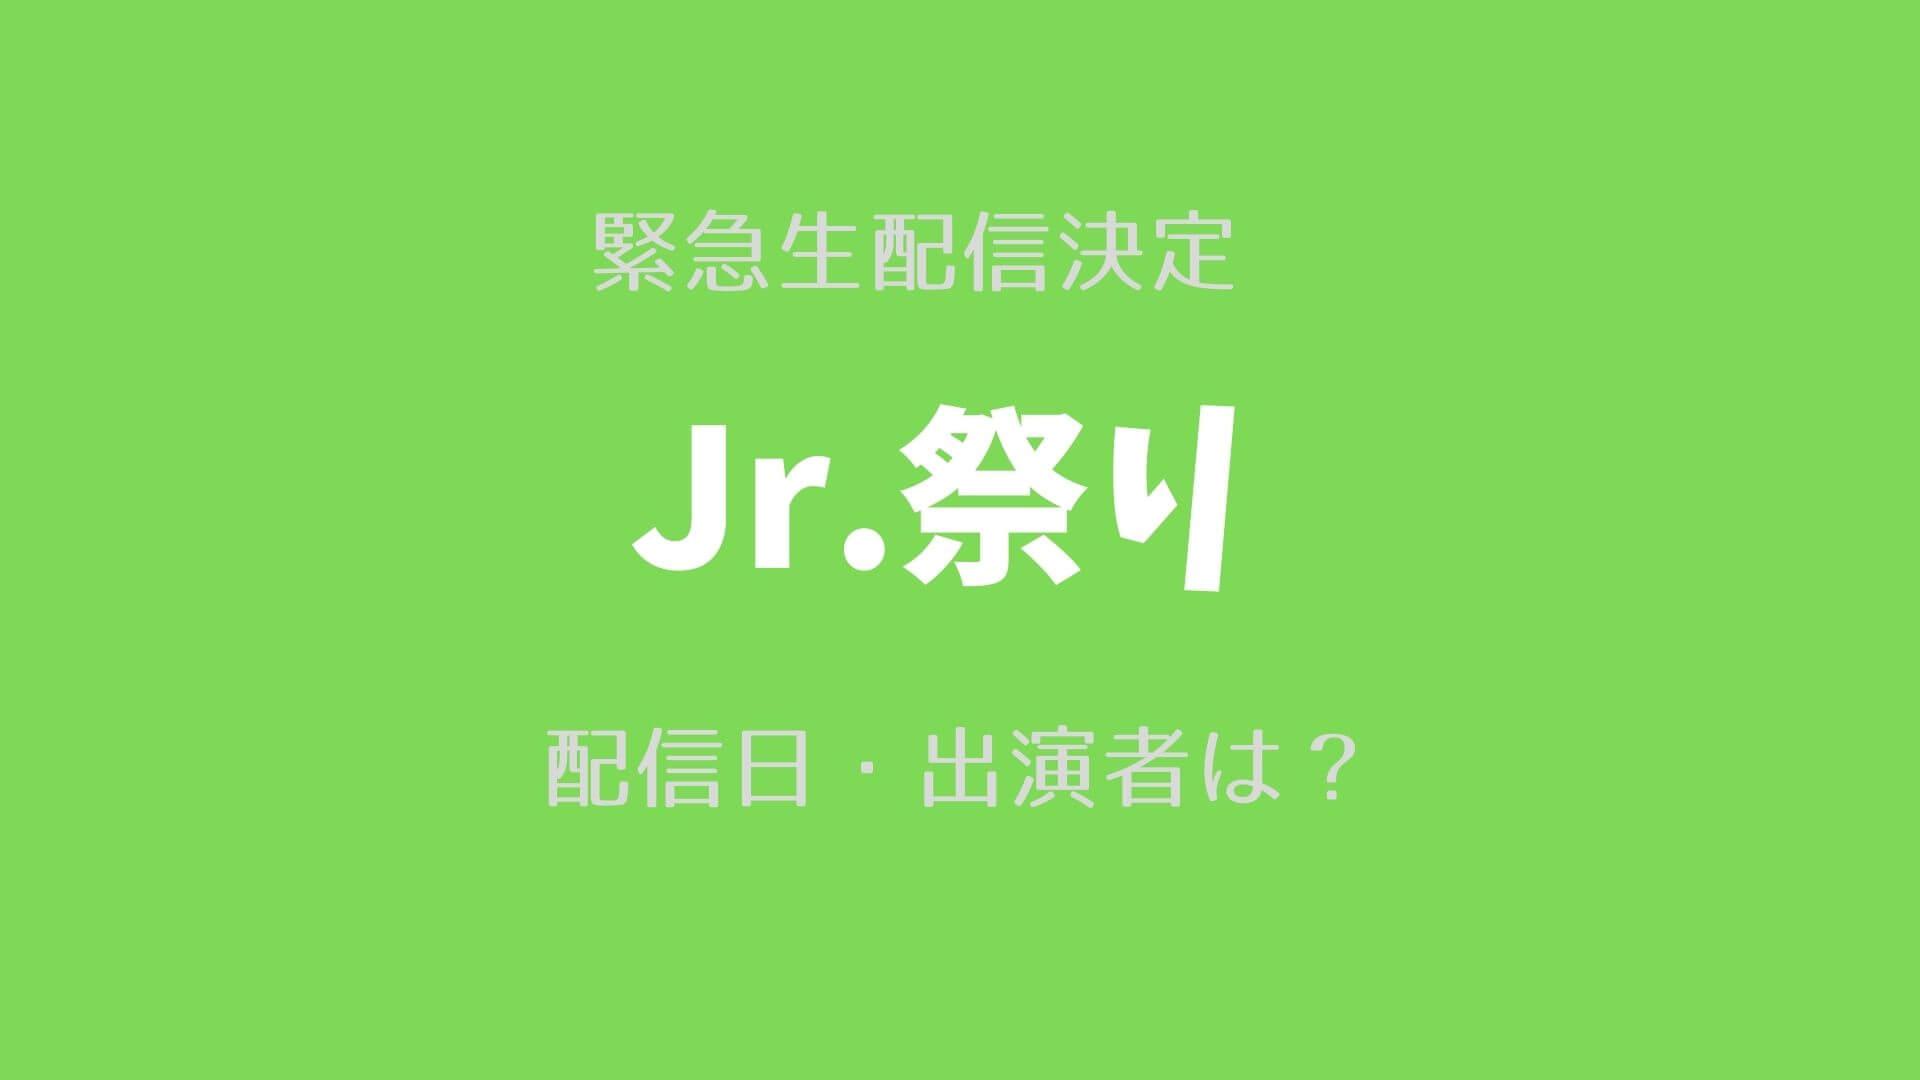 ジャニーズ jr 祭り 2020